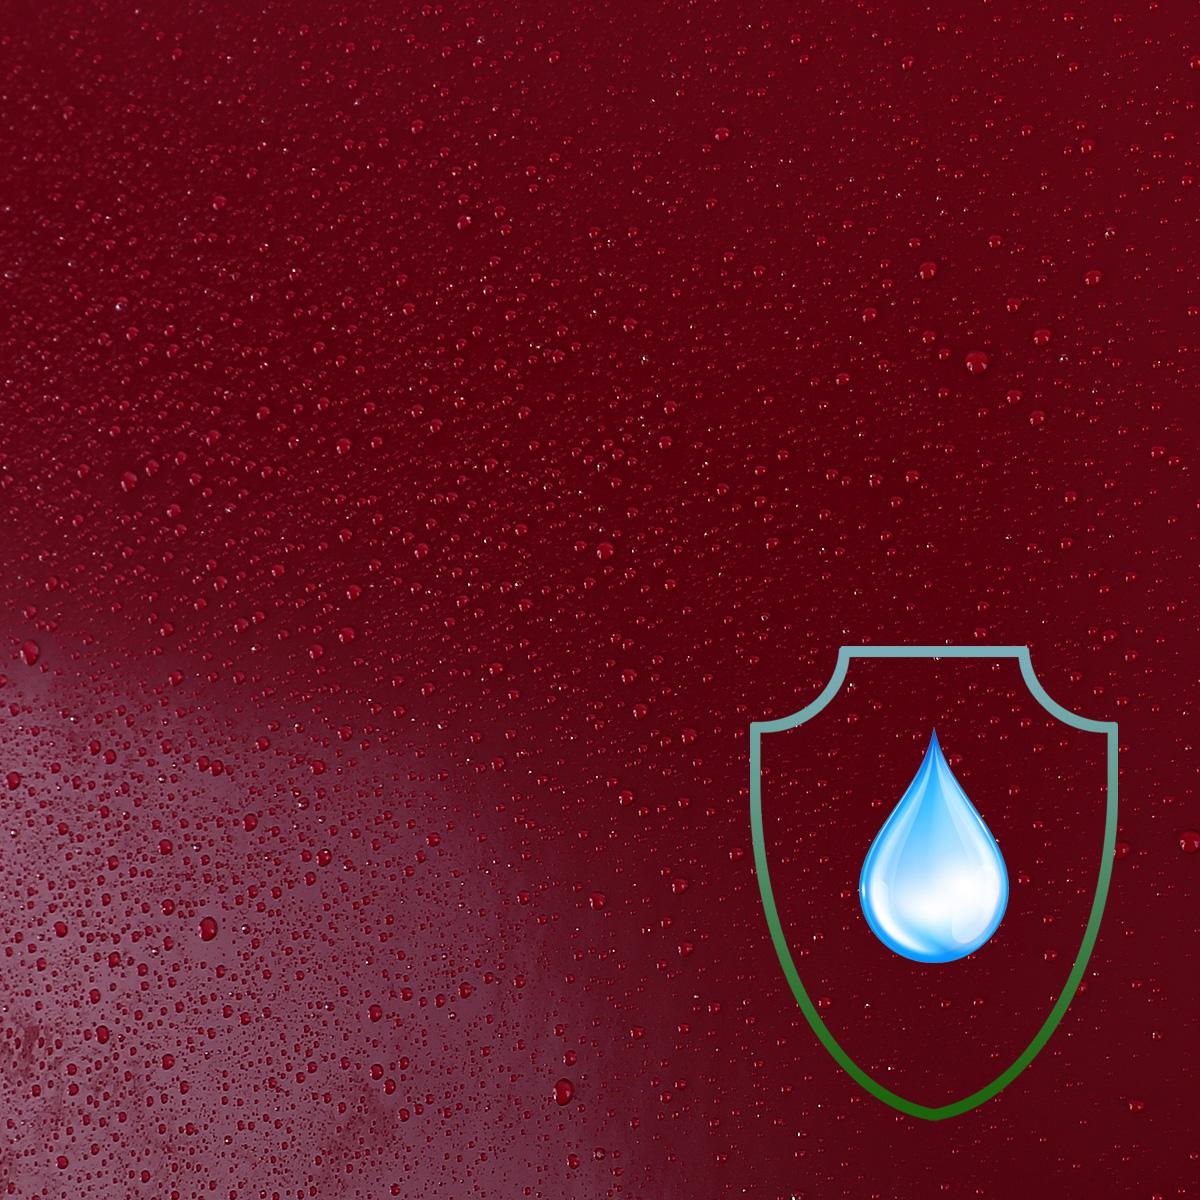 10m rouleau papier peint tanche autocollant 61cm rouge pour meuble ebay. Black Bedroom Furniture Sets. Home Design Ideas